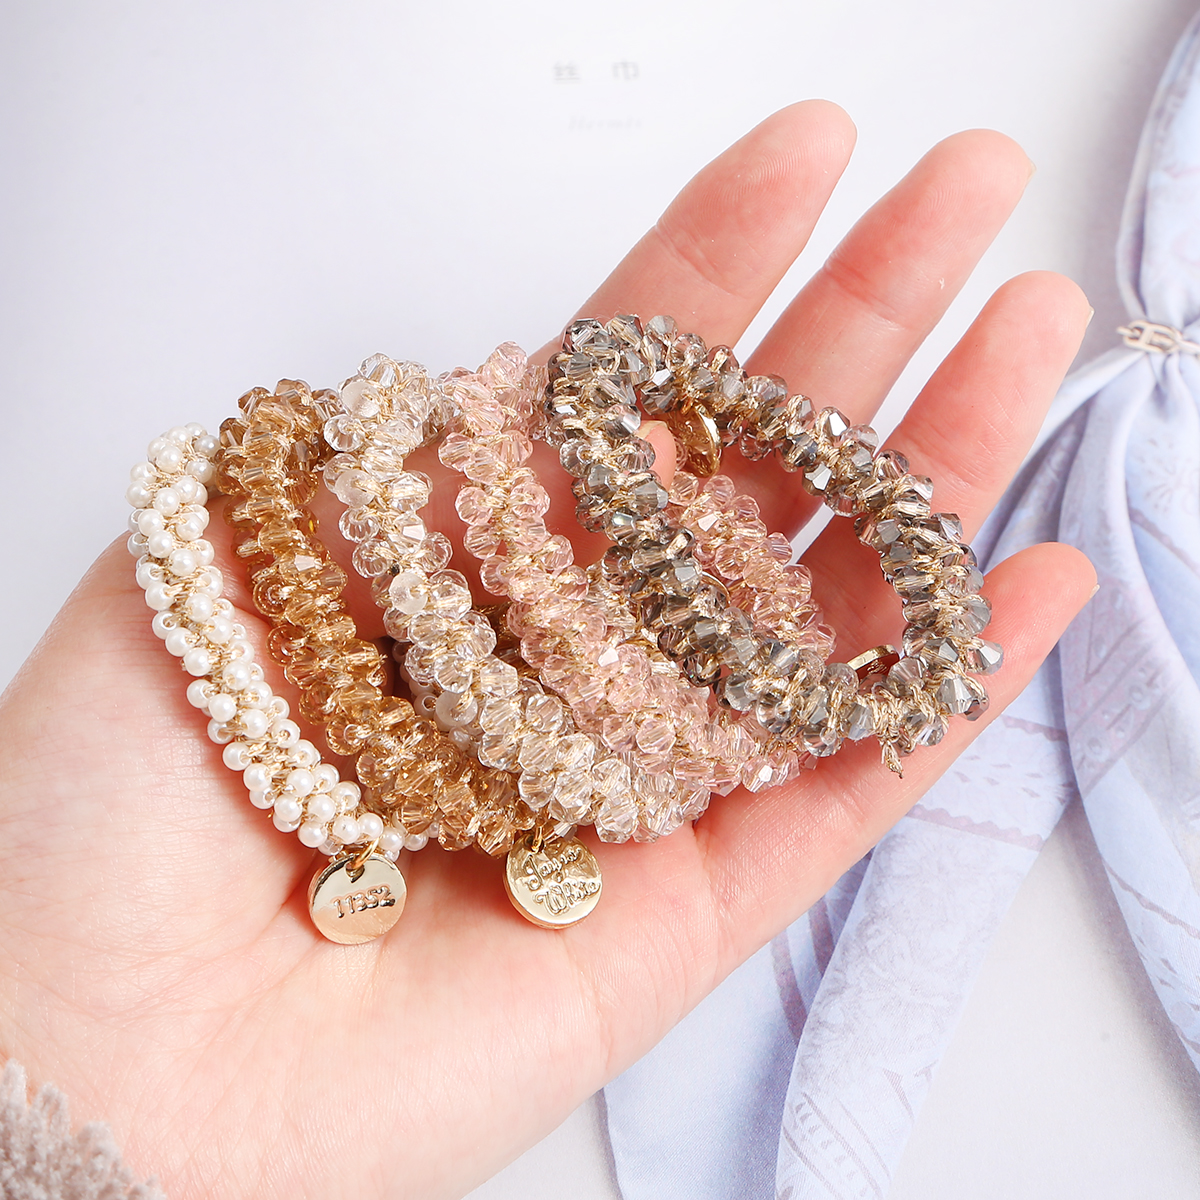 5 см Женская мода веревка для волос держатель для хвоста Champange искусственный кристалл жемчужные бусины эластичные резинки для волос аксессу...